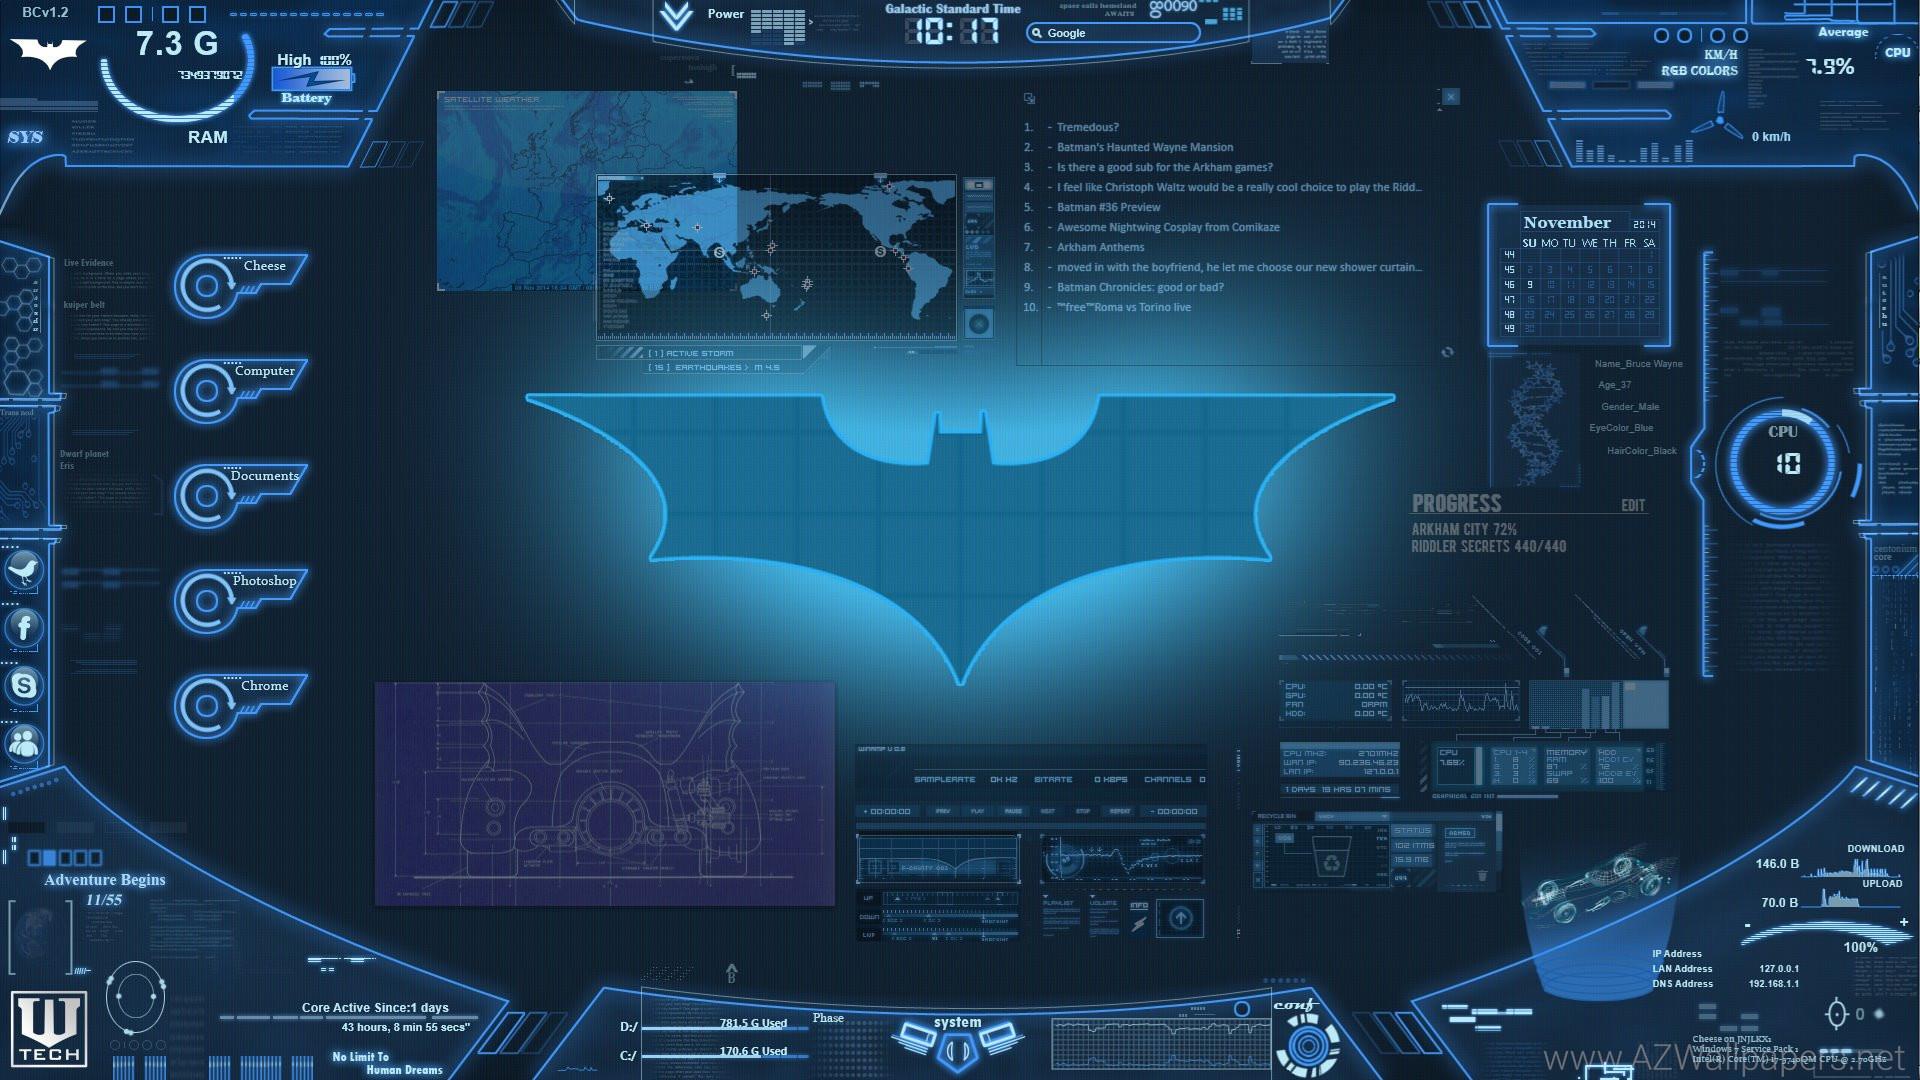 Download Wallpapers Desktop Computer Batcomputer WIP Imgur